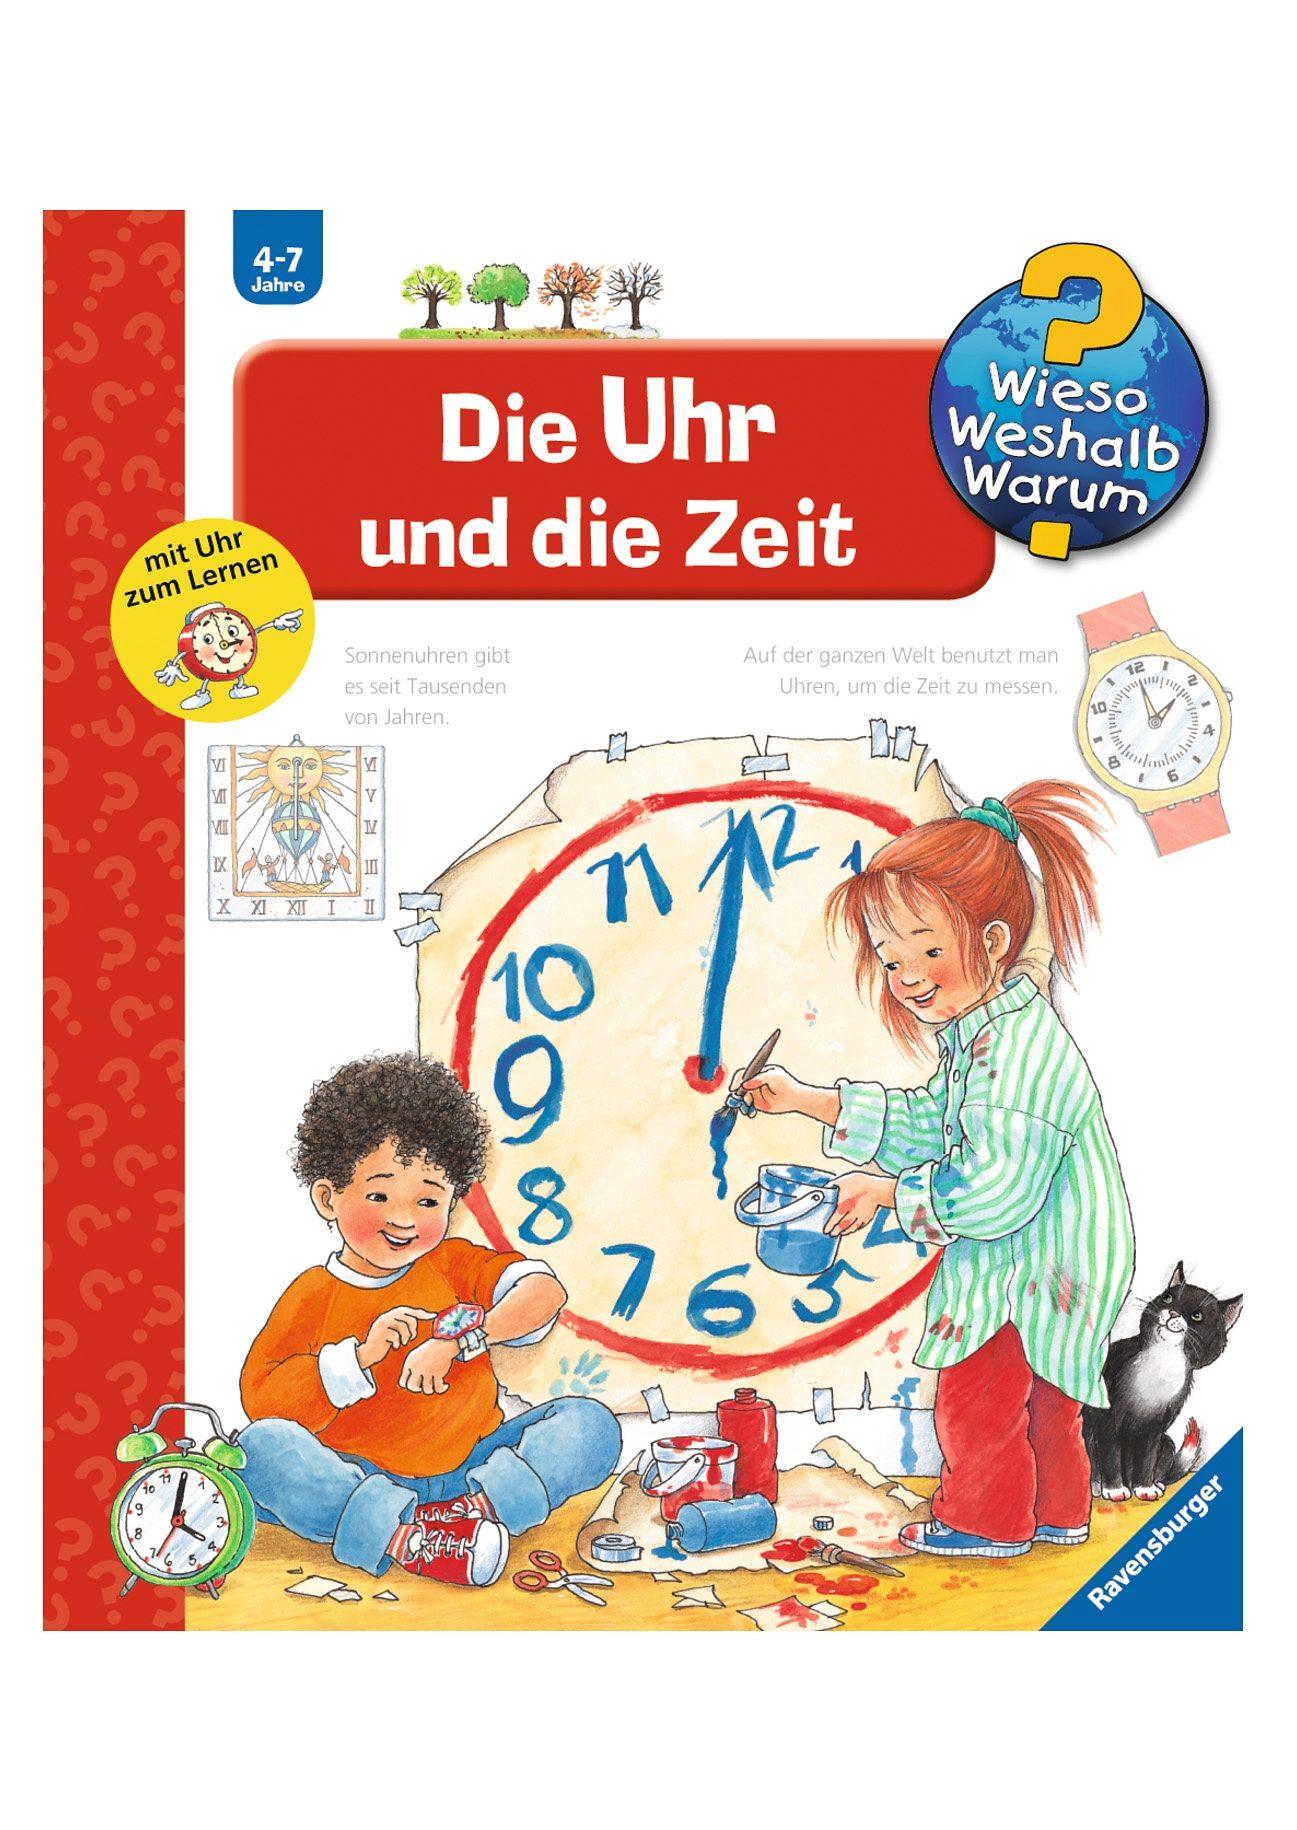 Ravensburger Kinderbuch, »Die Uhr und die Zeit / Wieso? Weshalb? Warum«